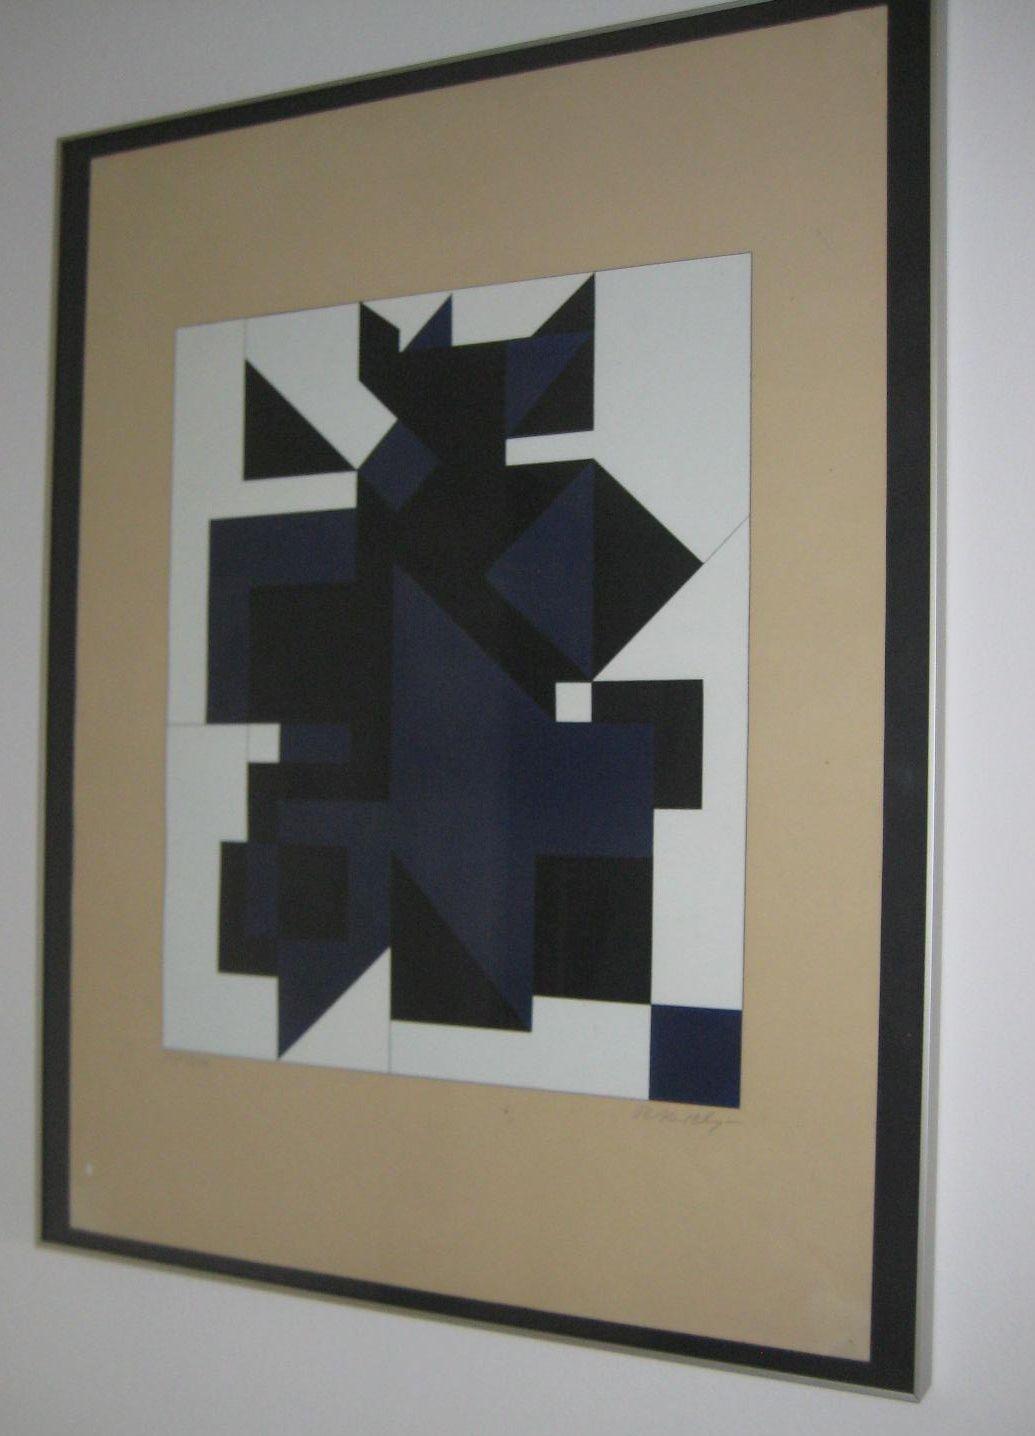 Victor Vasarely - Farbige Serigrafie, UTICA, 1959 kopen? Bied vanaf 300!